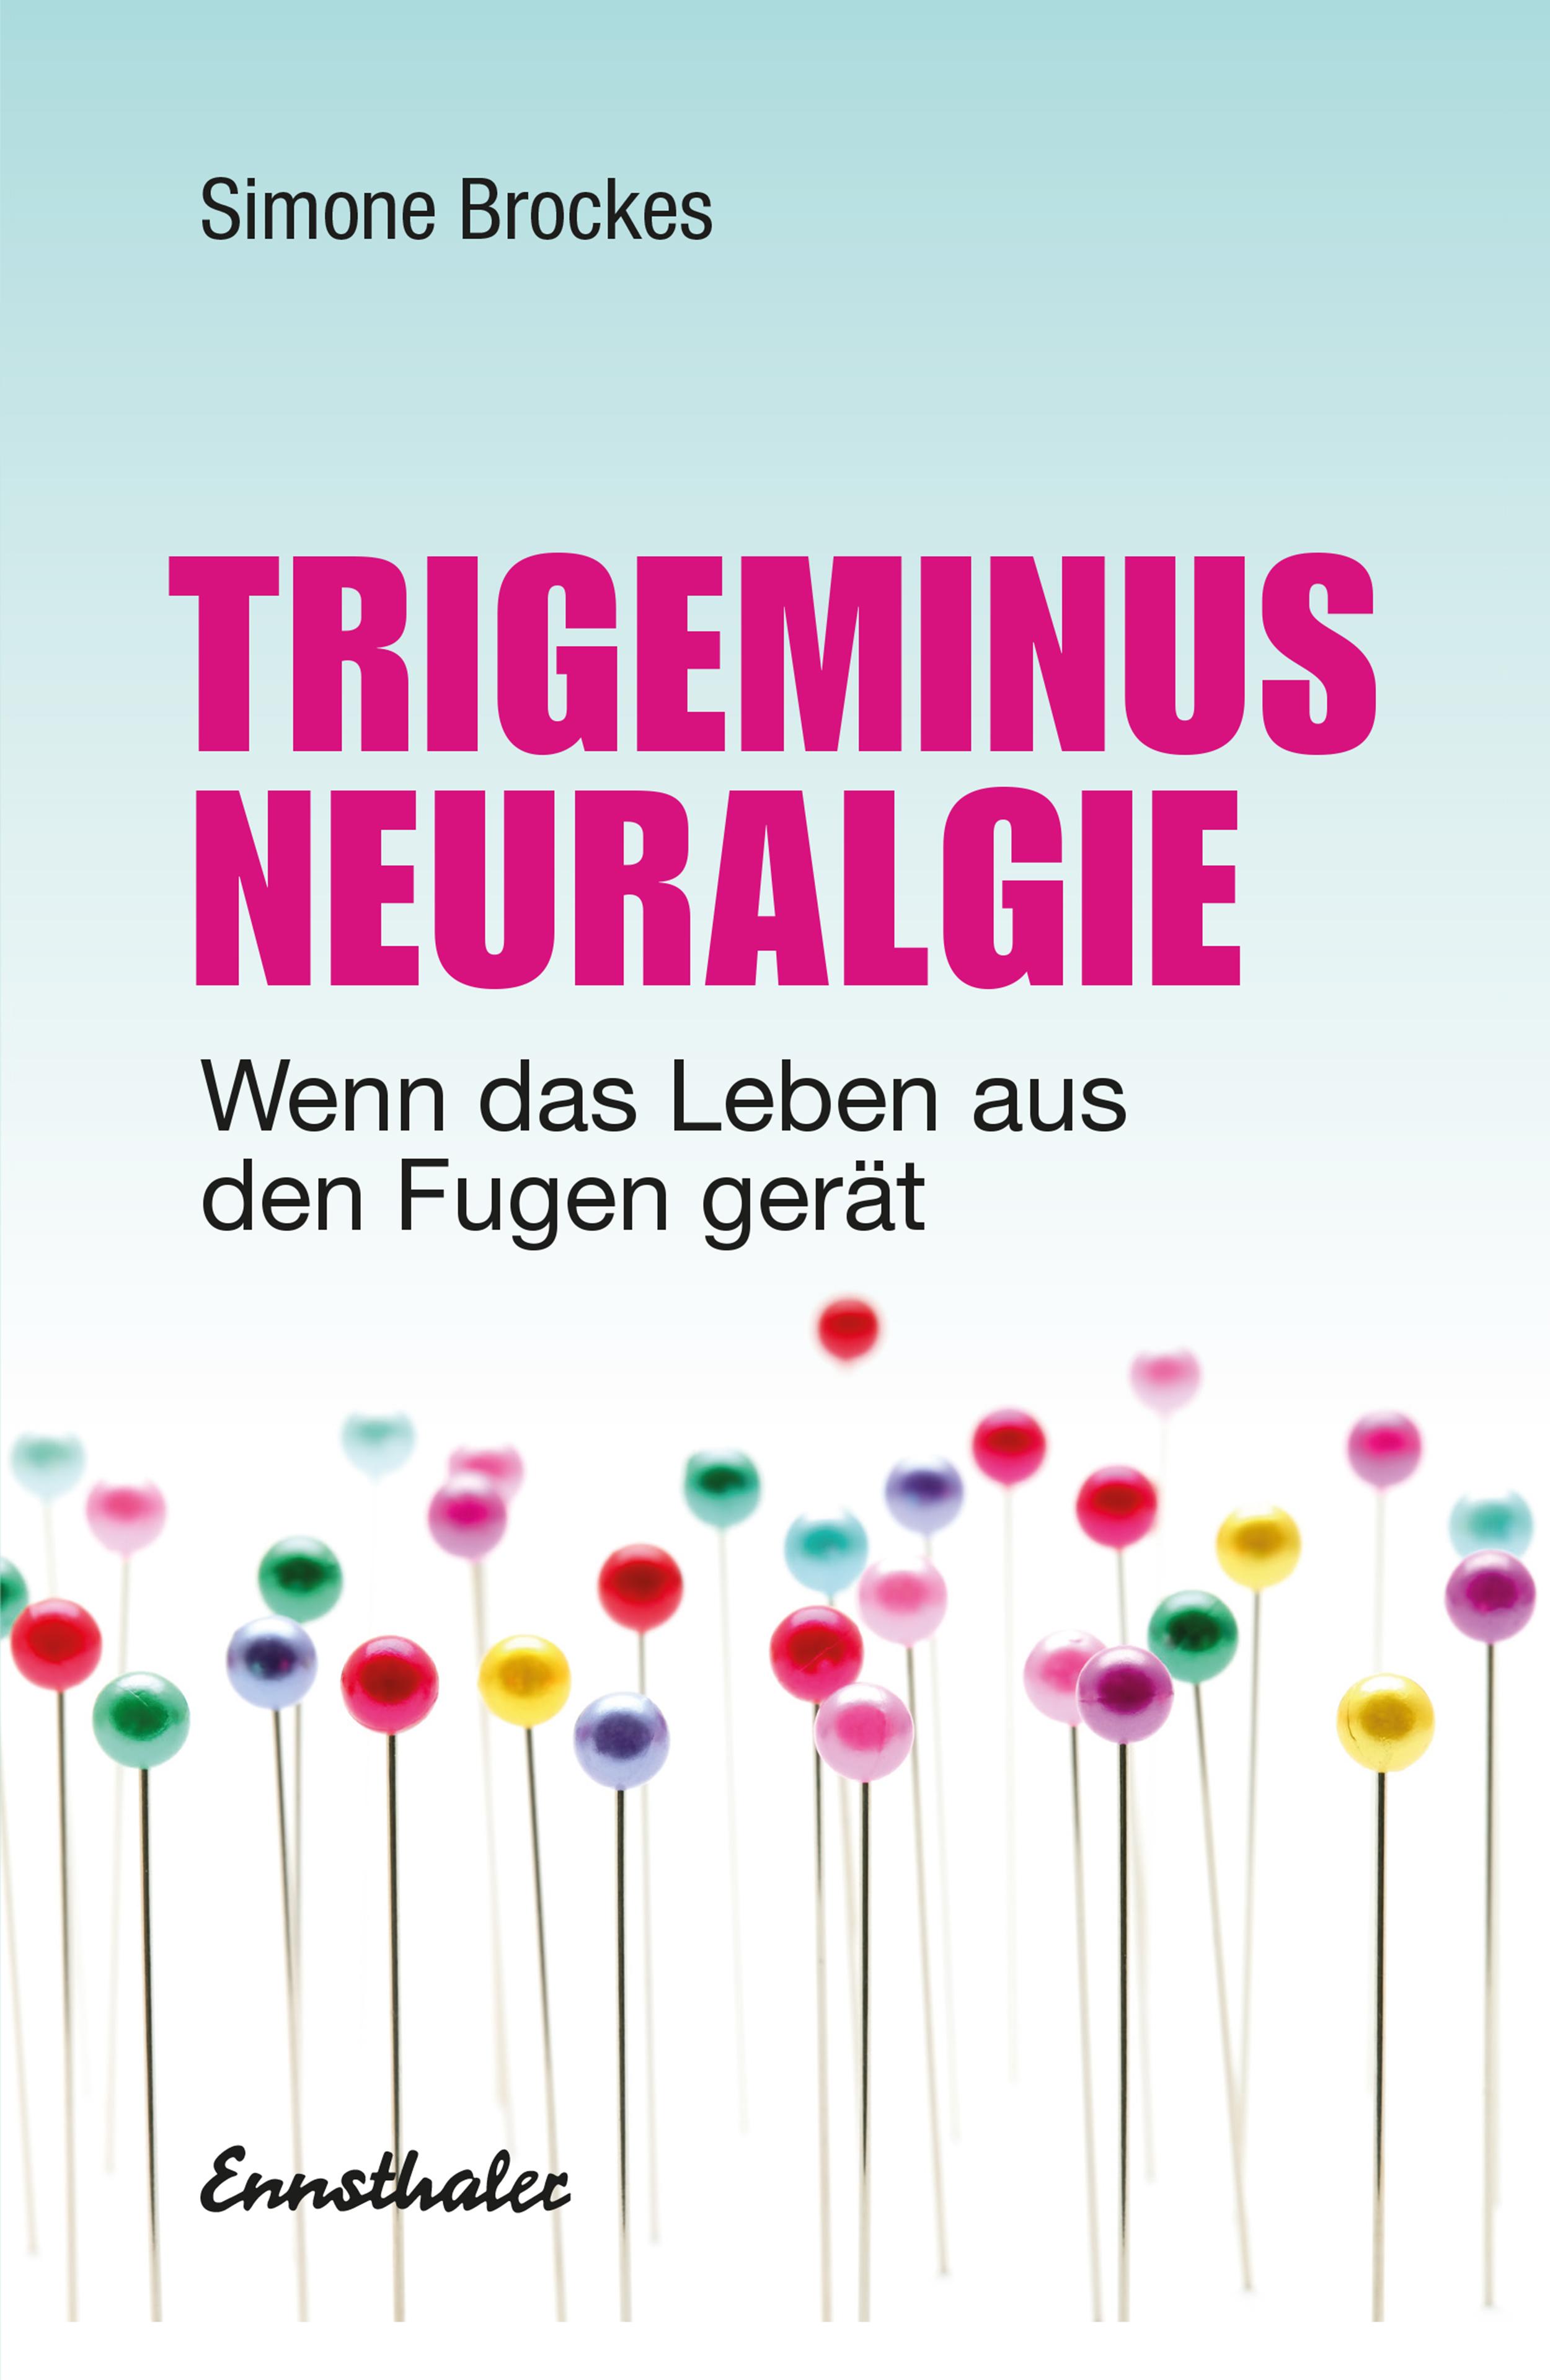 Trigeminus-Neuralgie von Brockes, Simone: Wenn das Leben aus den Fugen